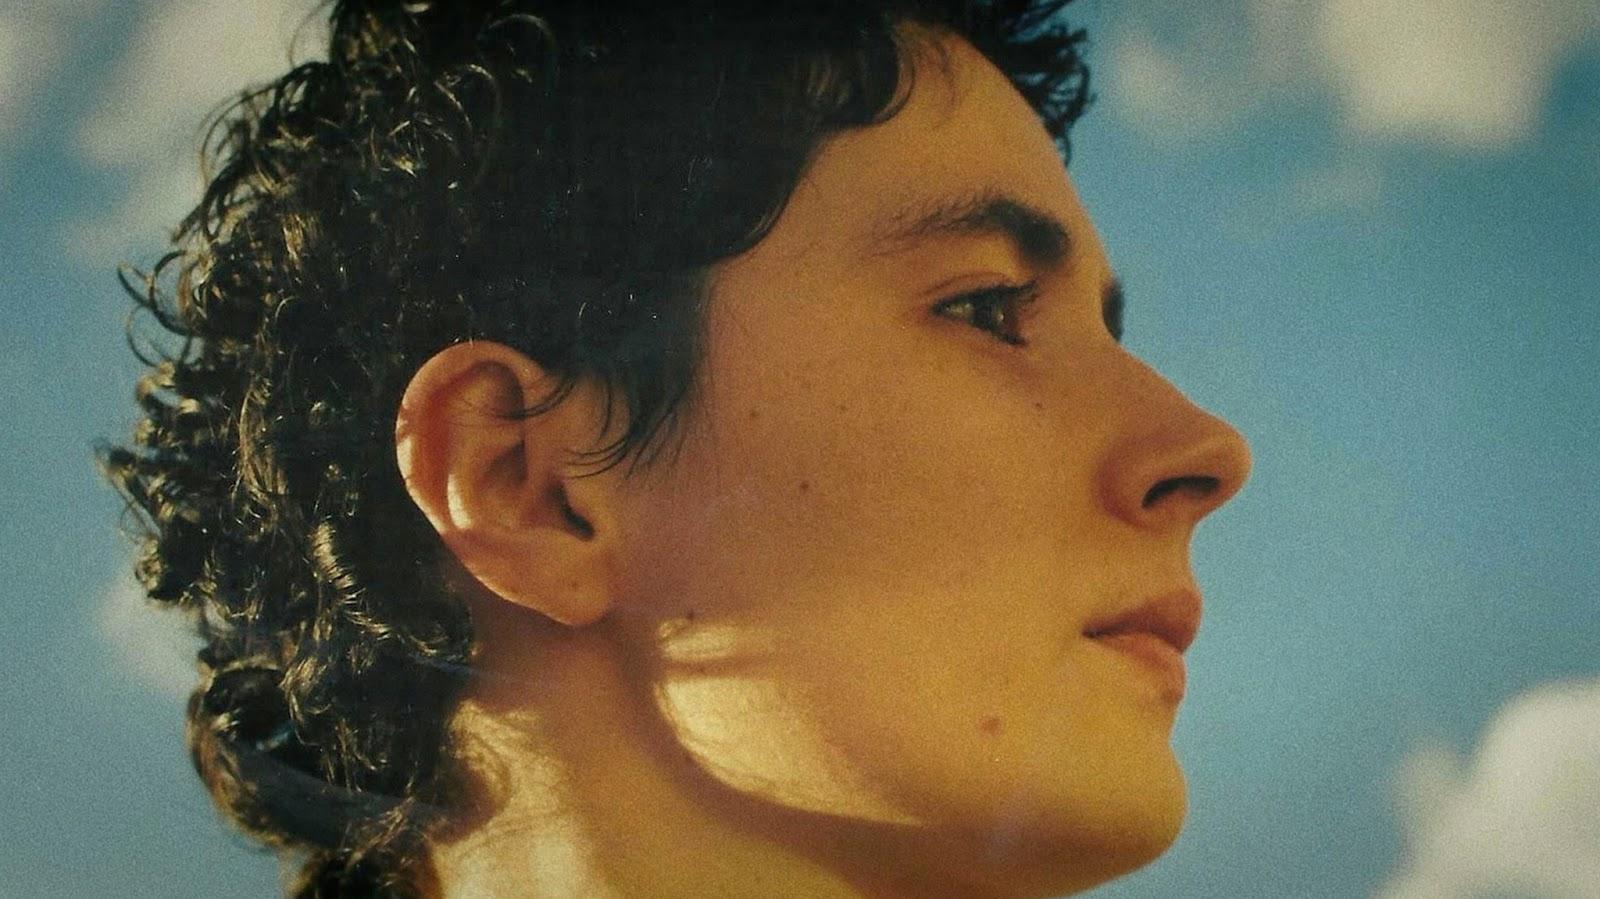 Patricia Heras en el cartel promocional de Ciutat Morta. Fuente: elantepenultimomohicano.com